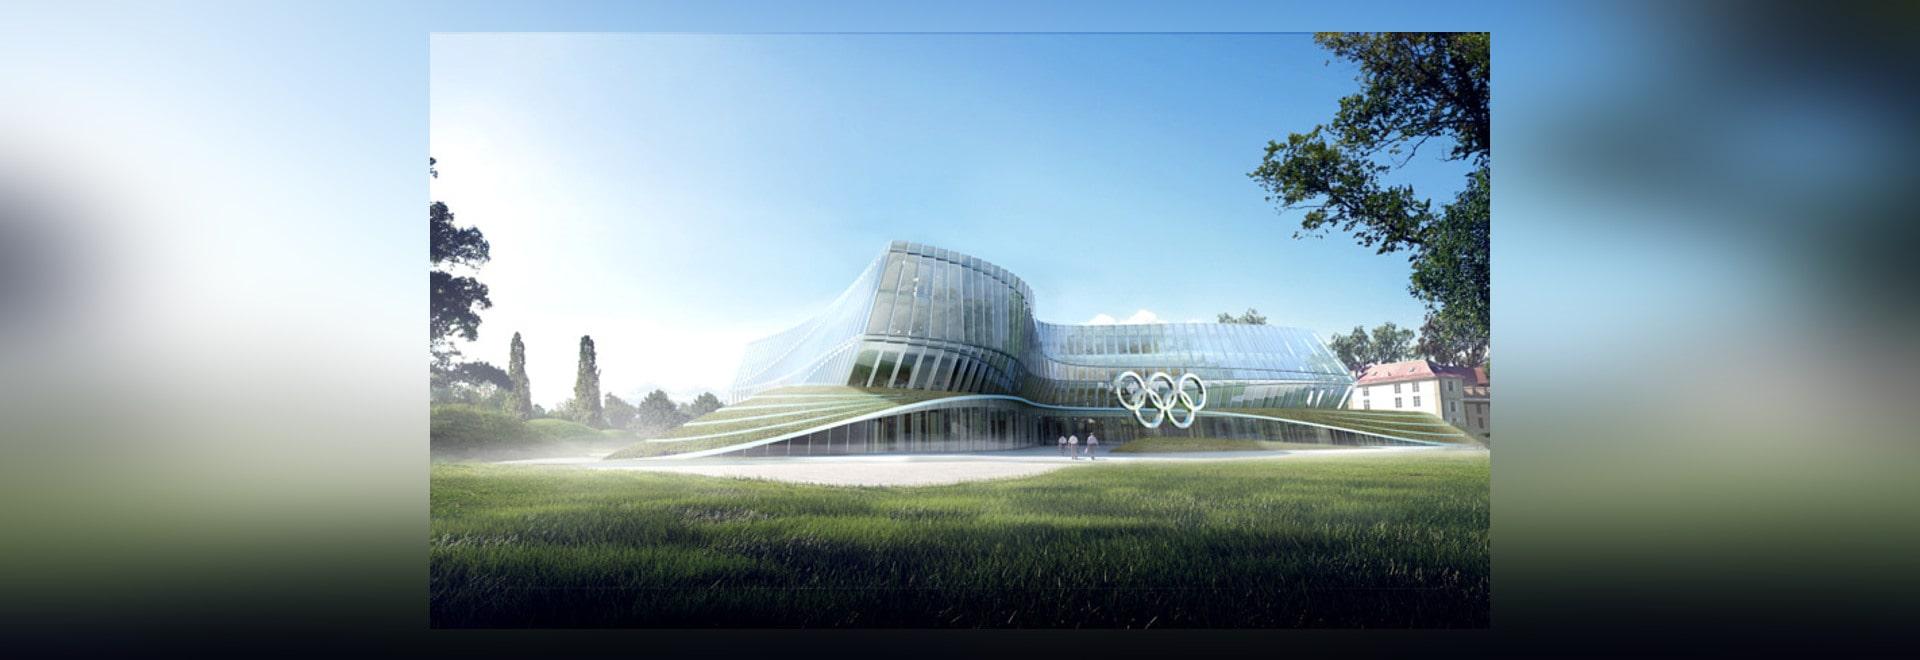 """3XN revela el diseño """"dinámico, undulating"""" para las jefaturas olímpicas suizas"""